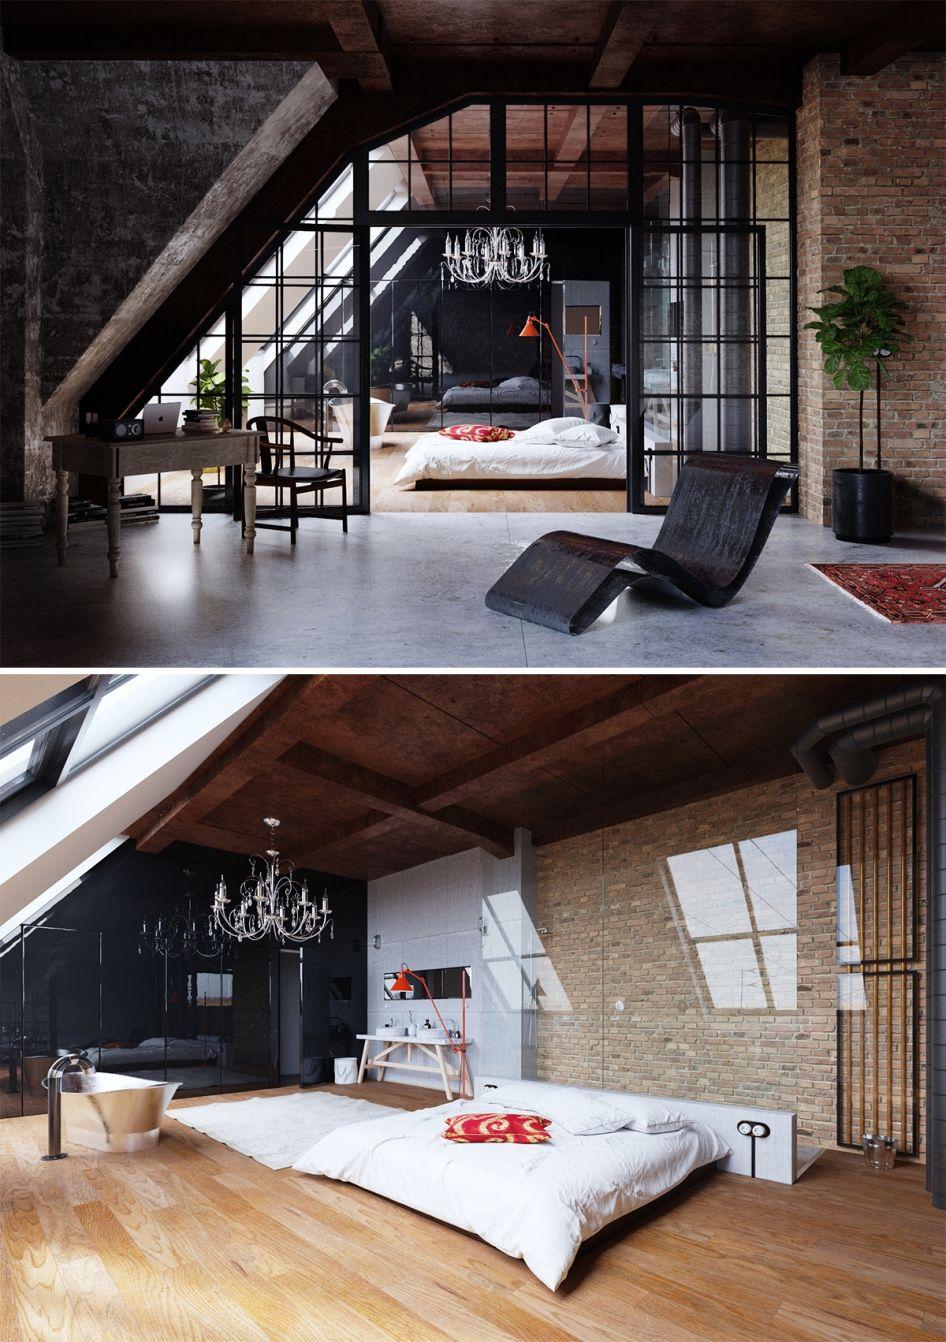 construire loft pas cher deco loft inspiration artistes